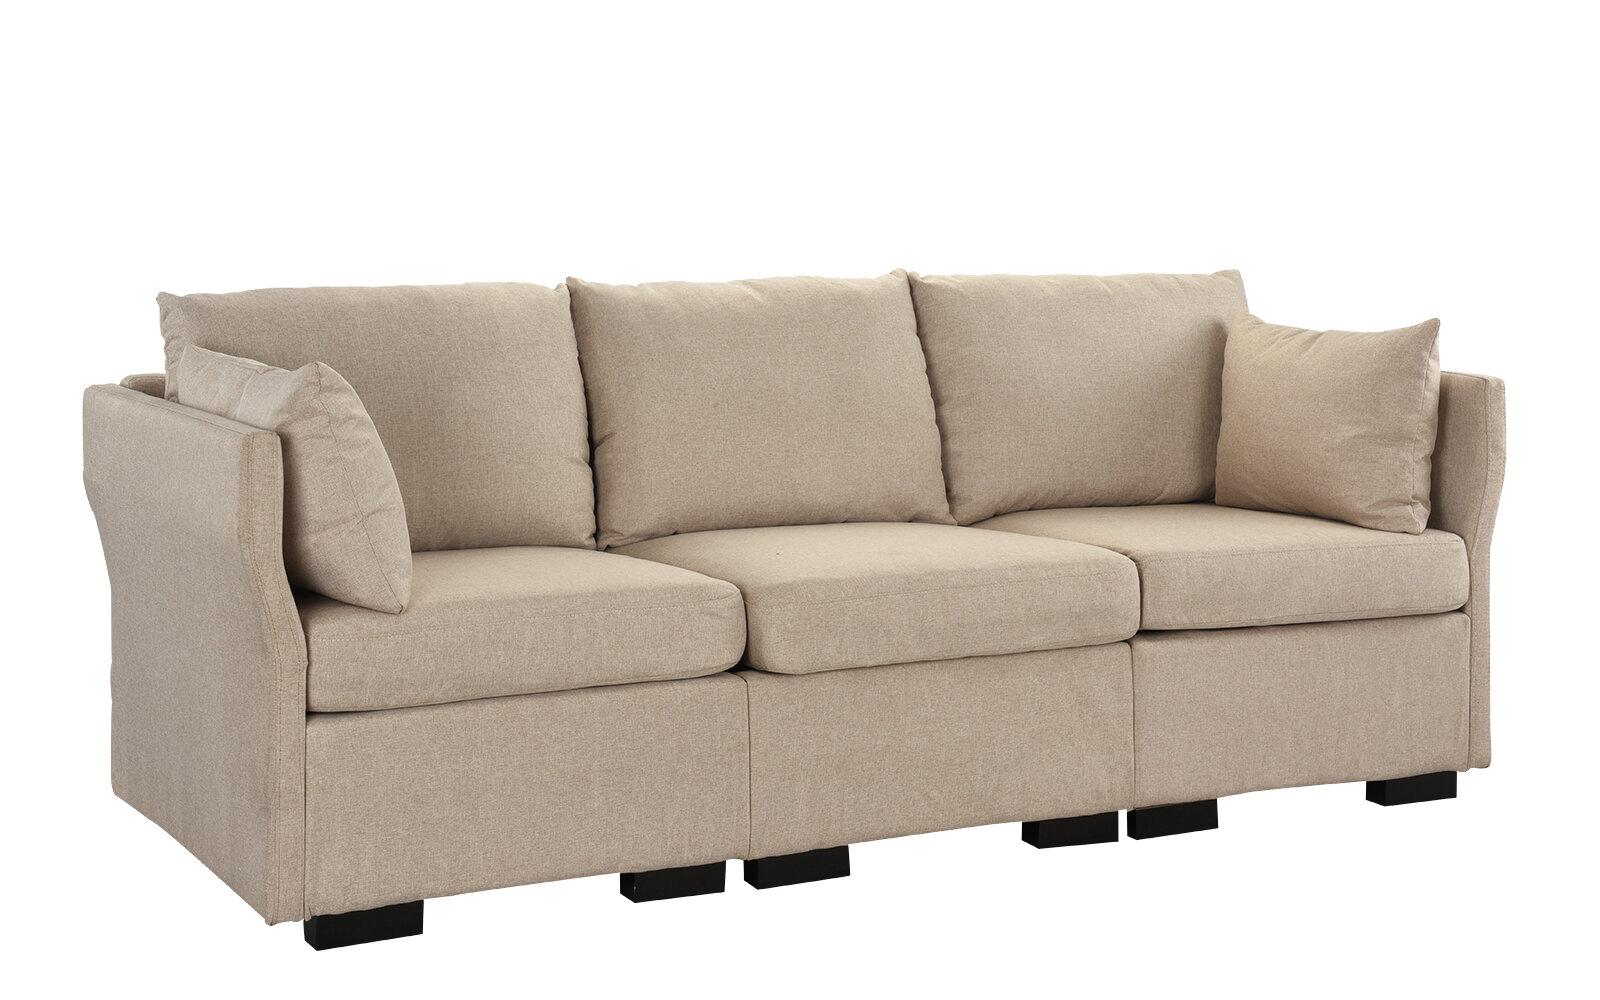 Teal Sofa Bed Classic Sofa 2 2 Teal Blue Sofa Bed Uk – hebergement ...